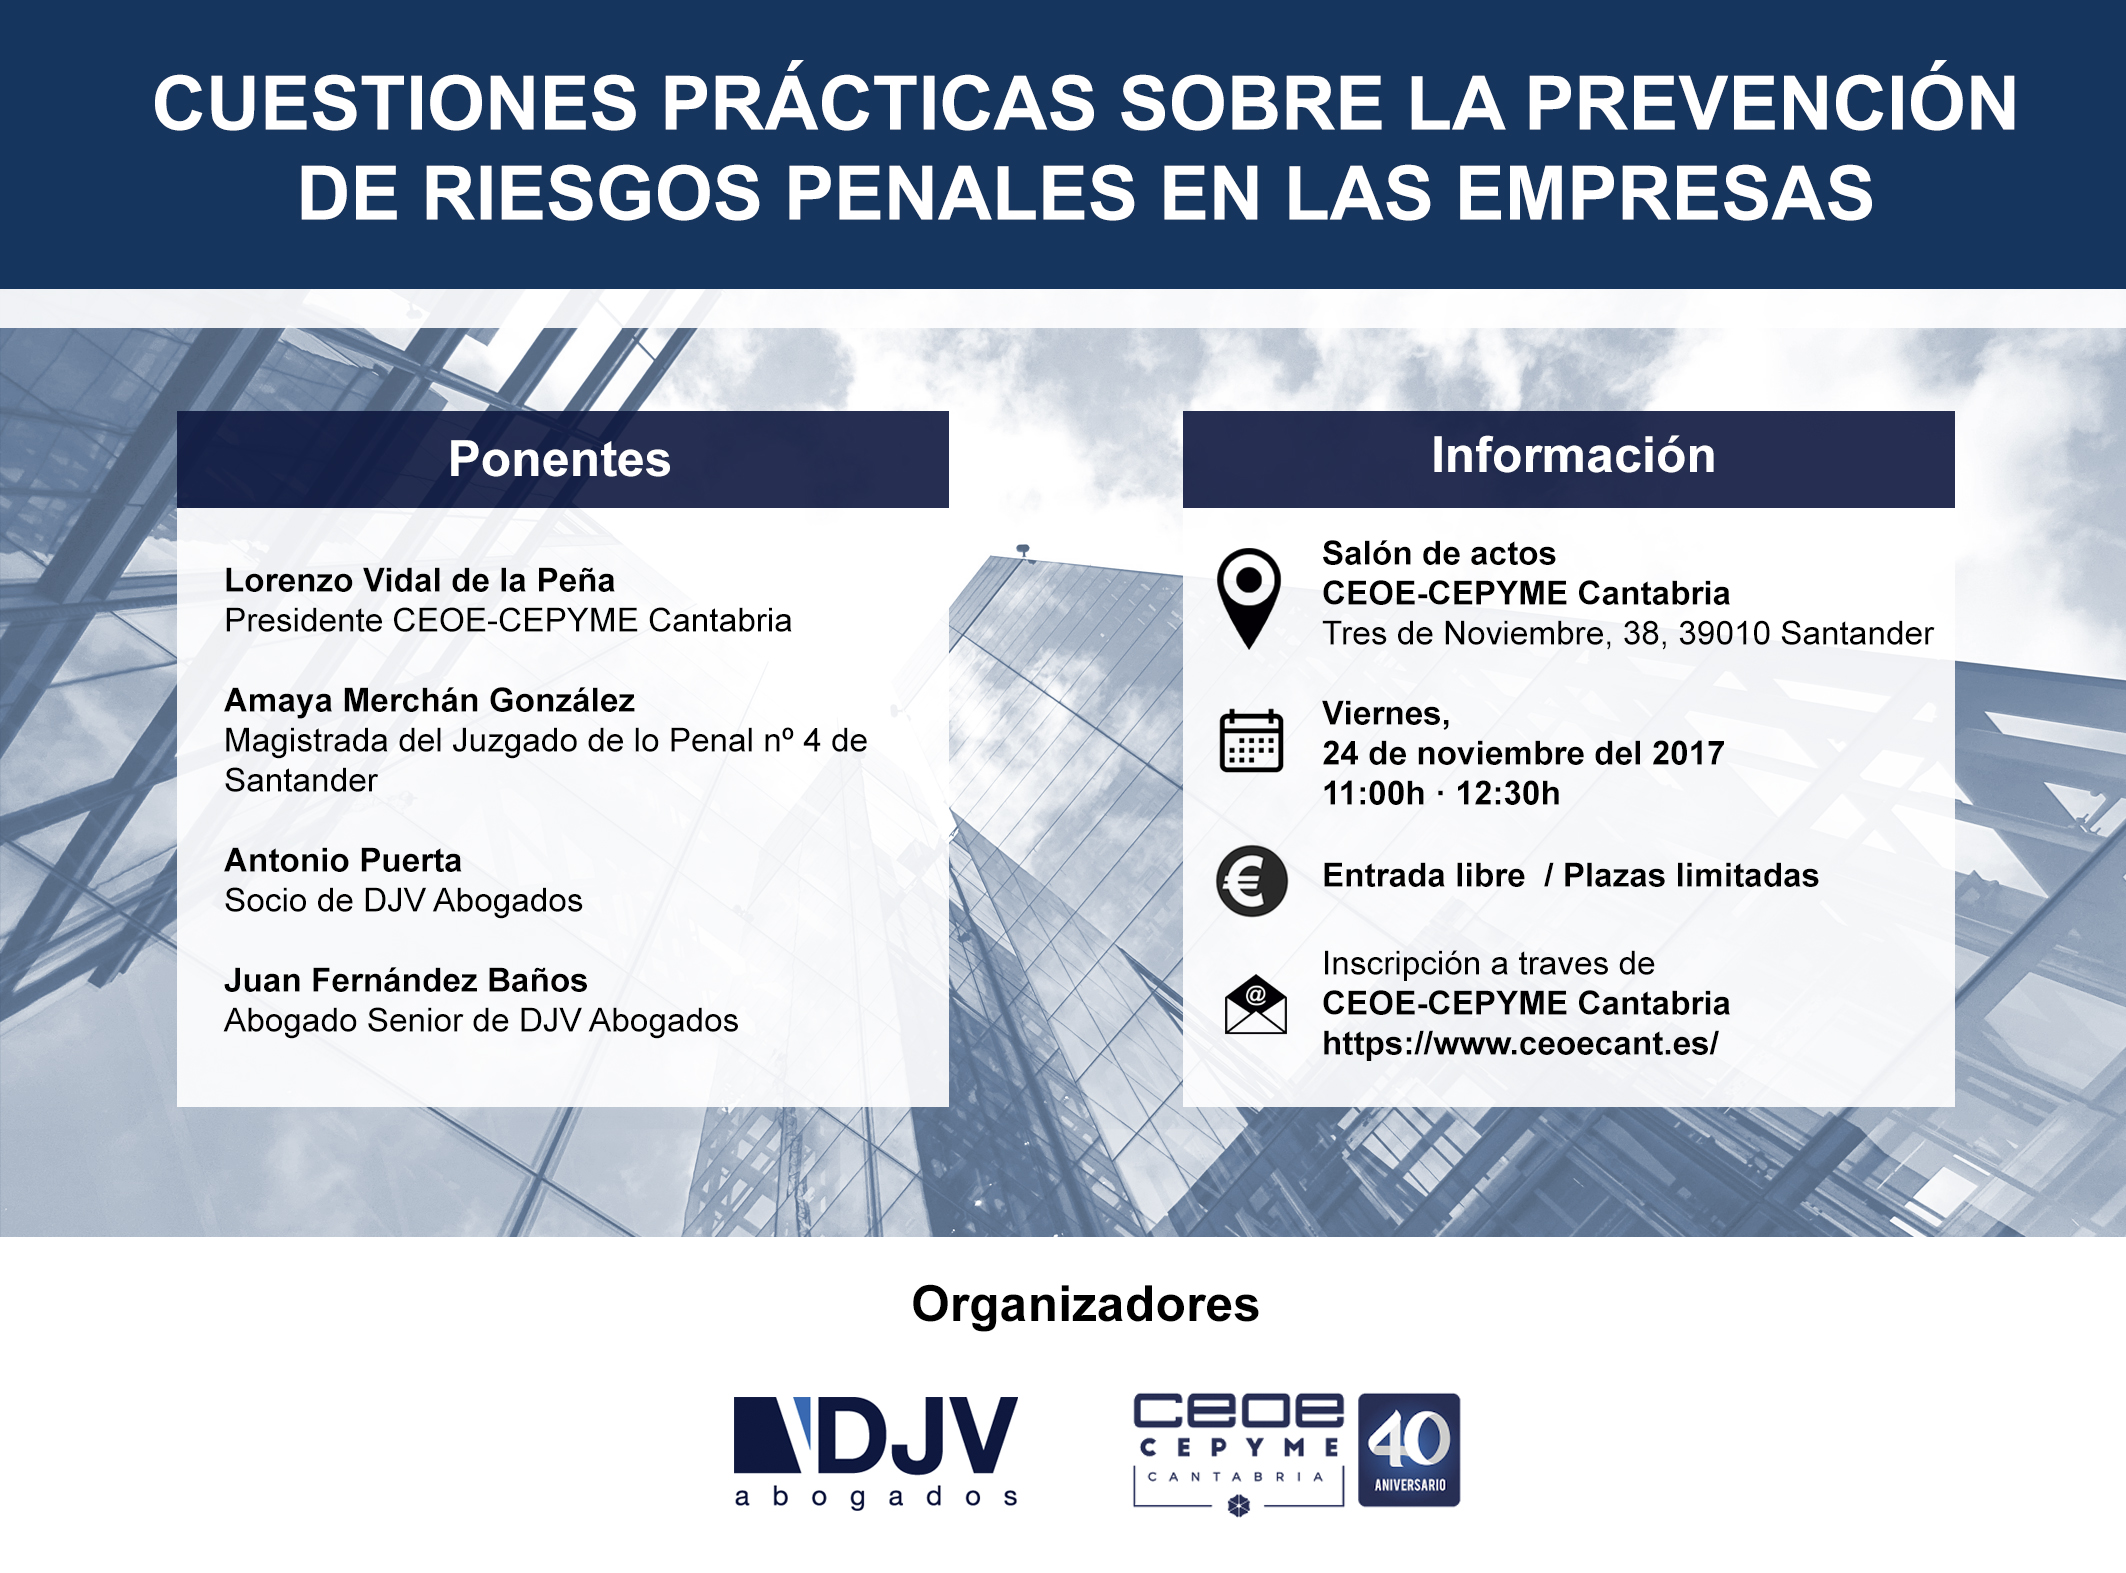 DJV Abogados Y CEOE-CEPYME Cantabria Organizan La Jornada «Cuestiones Prácticas Sobre La Prevención De Riesgos Penales En Las Empresas»